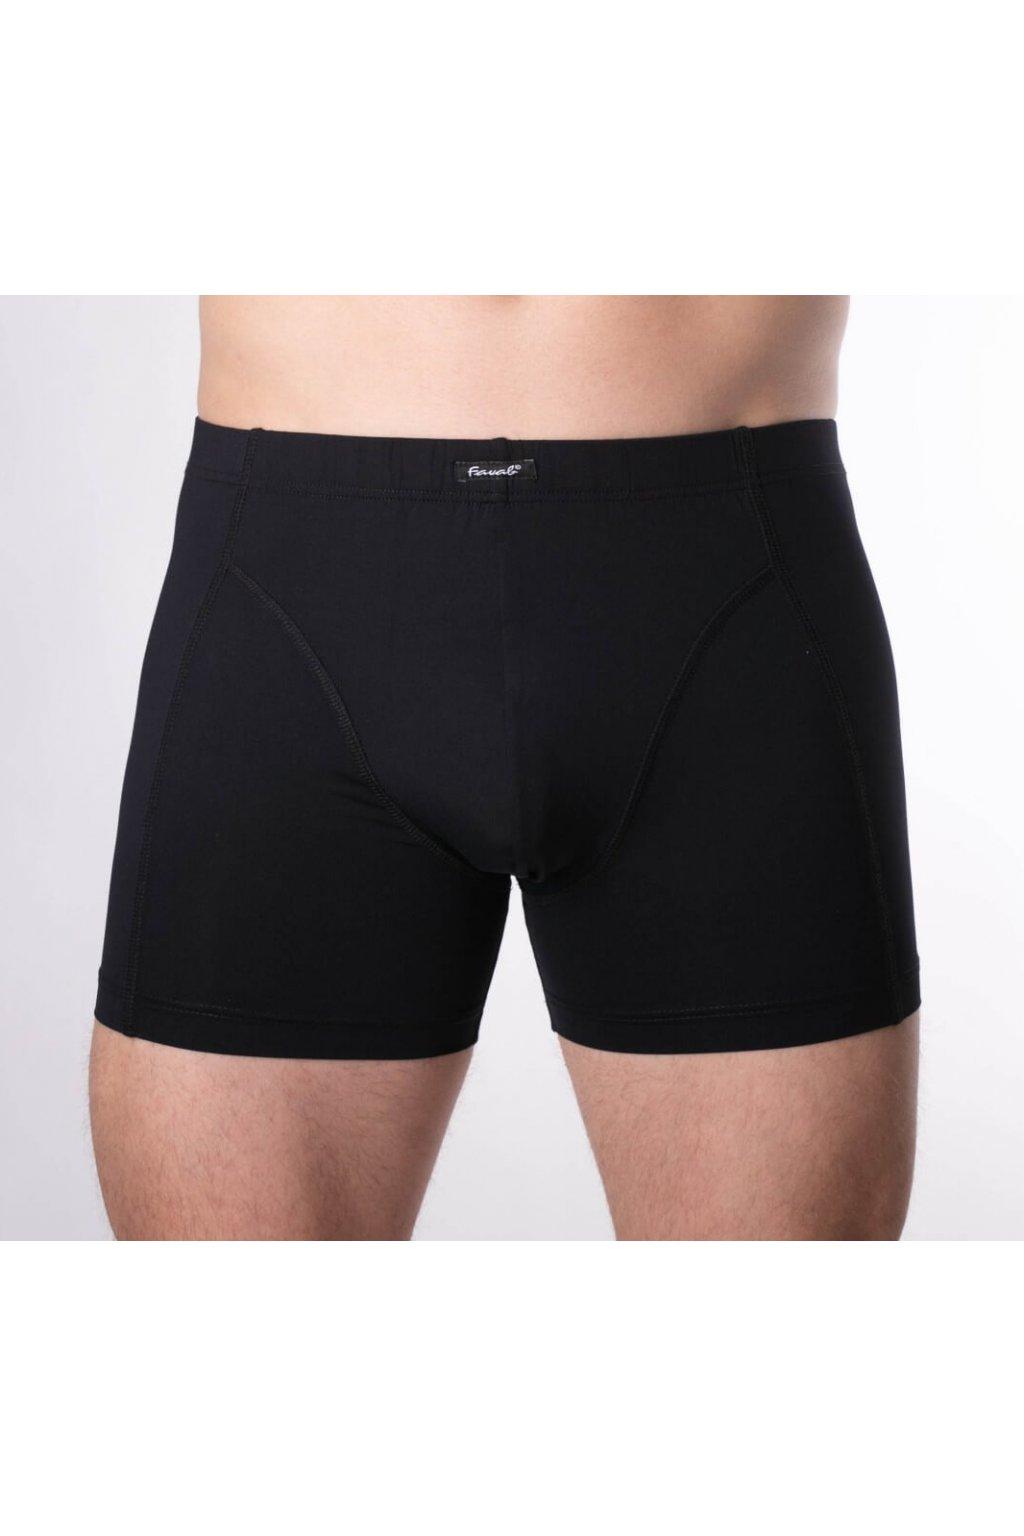 DON pánske pohodlné boxerky